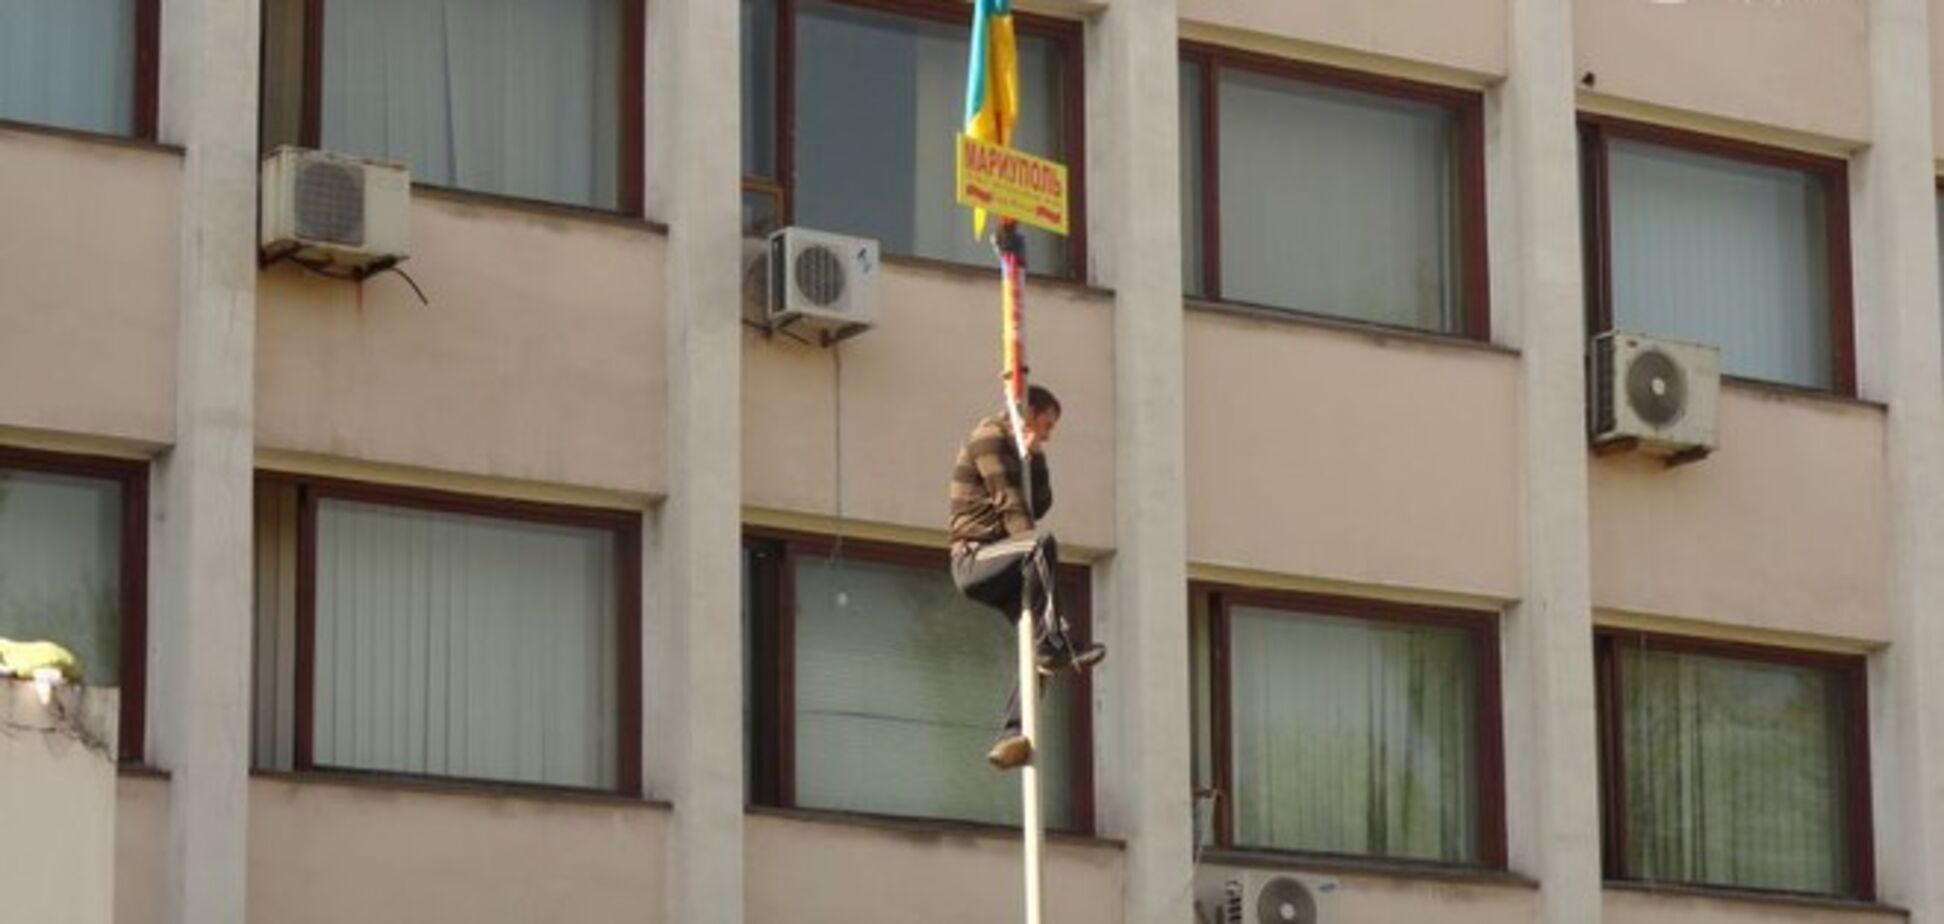 Над звільненим міськрадою Маріуполя вивісили прапор України